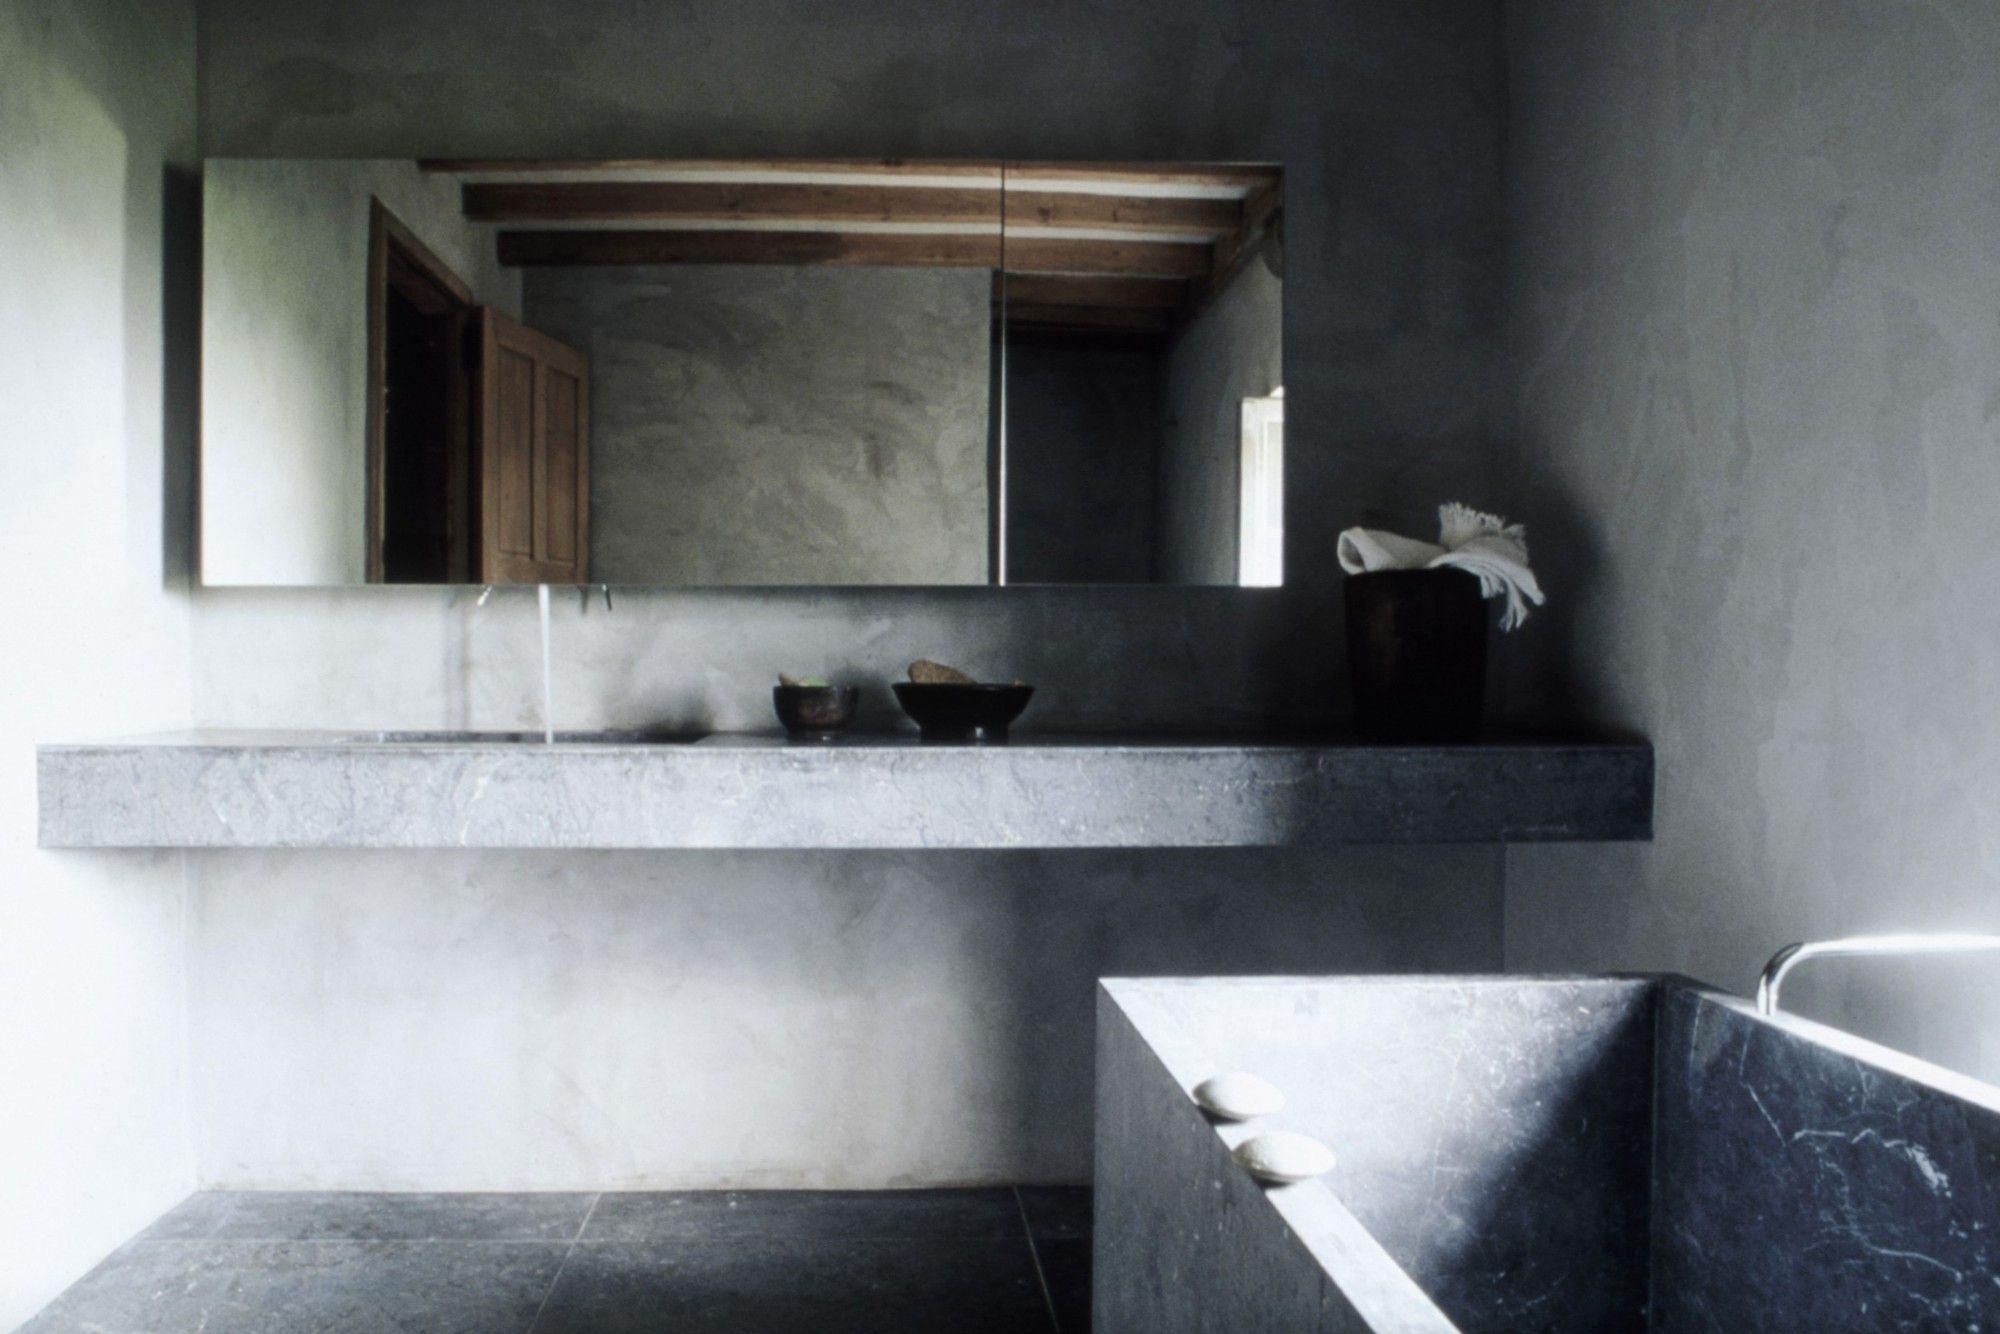 Canapé Eternity Conforama Inspirant Photos Corian Blanc Magnifique Image Result for Joseph Dirand Bathroom B